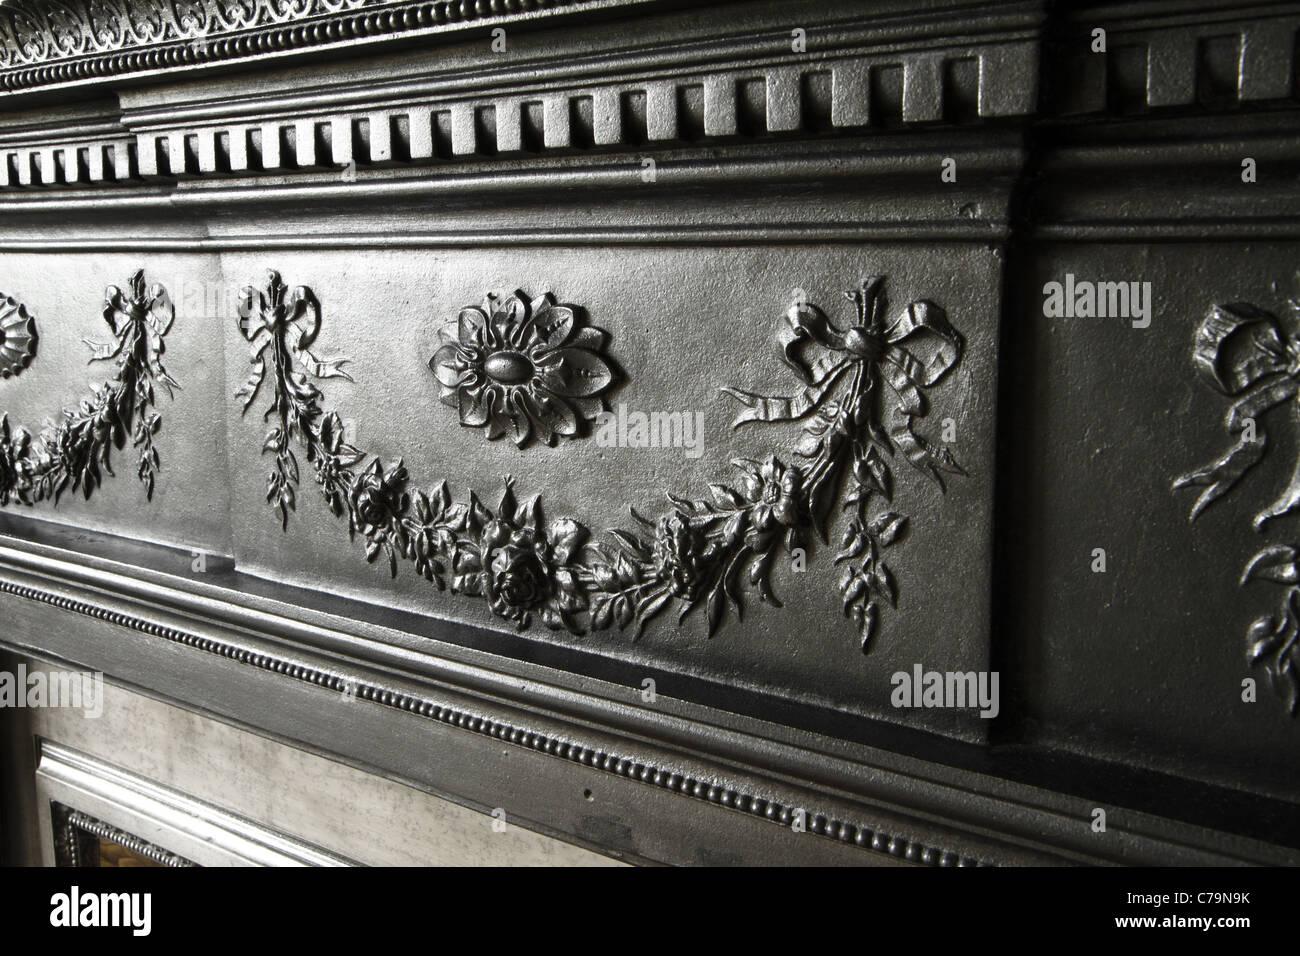 Viktorianische Gusseisen Kamin detail Stockbild